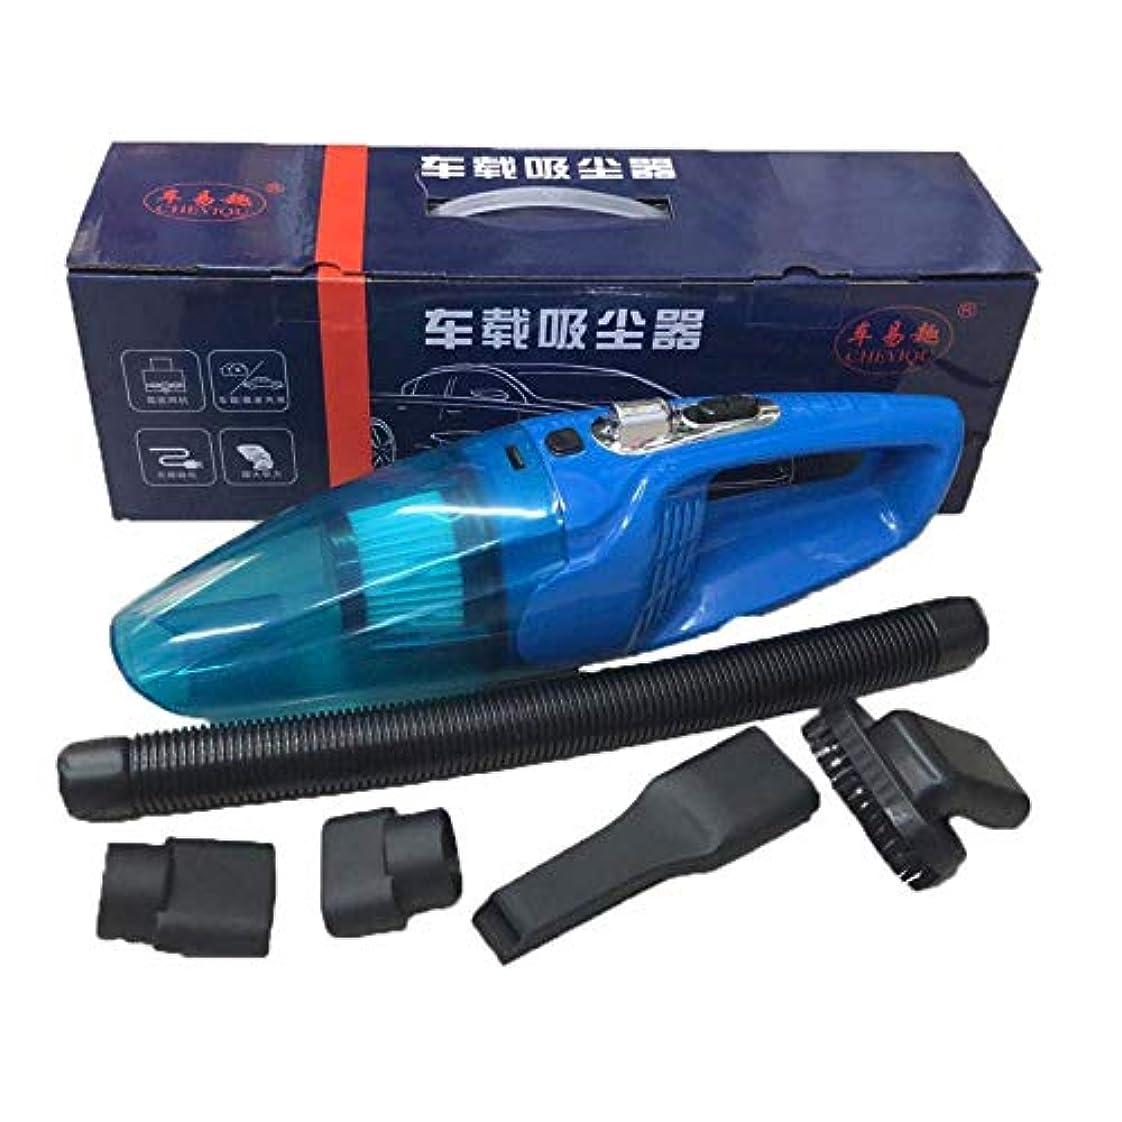 血統すり減る血色の良いMei-YY 掃除機 掃除機で、大電力多機能ハンドヘルドポータブルカーミニ車の掃除機 生活家電